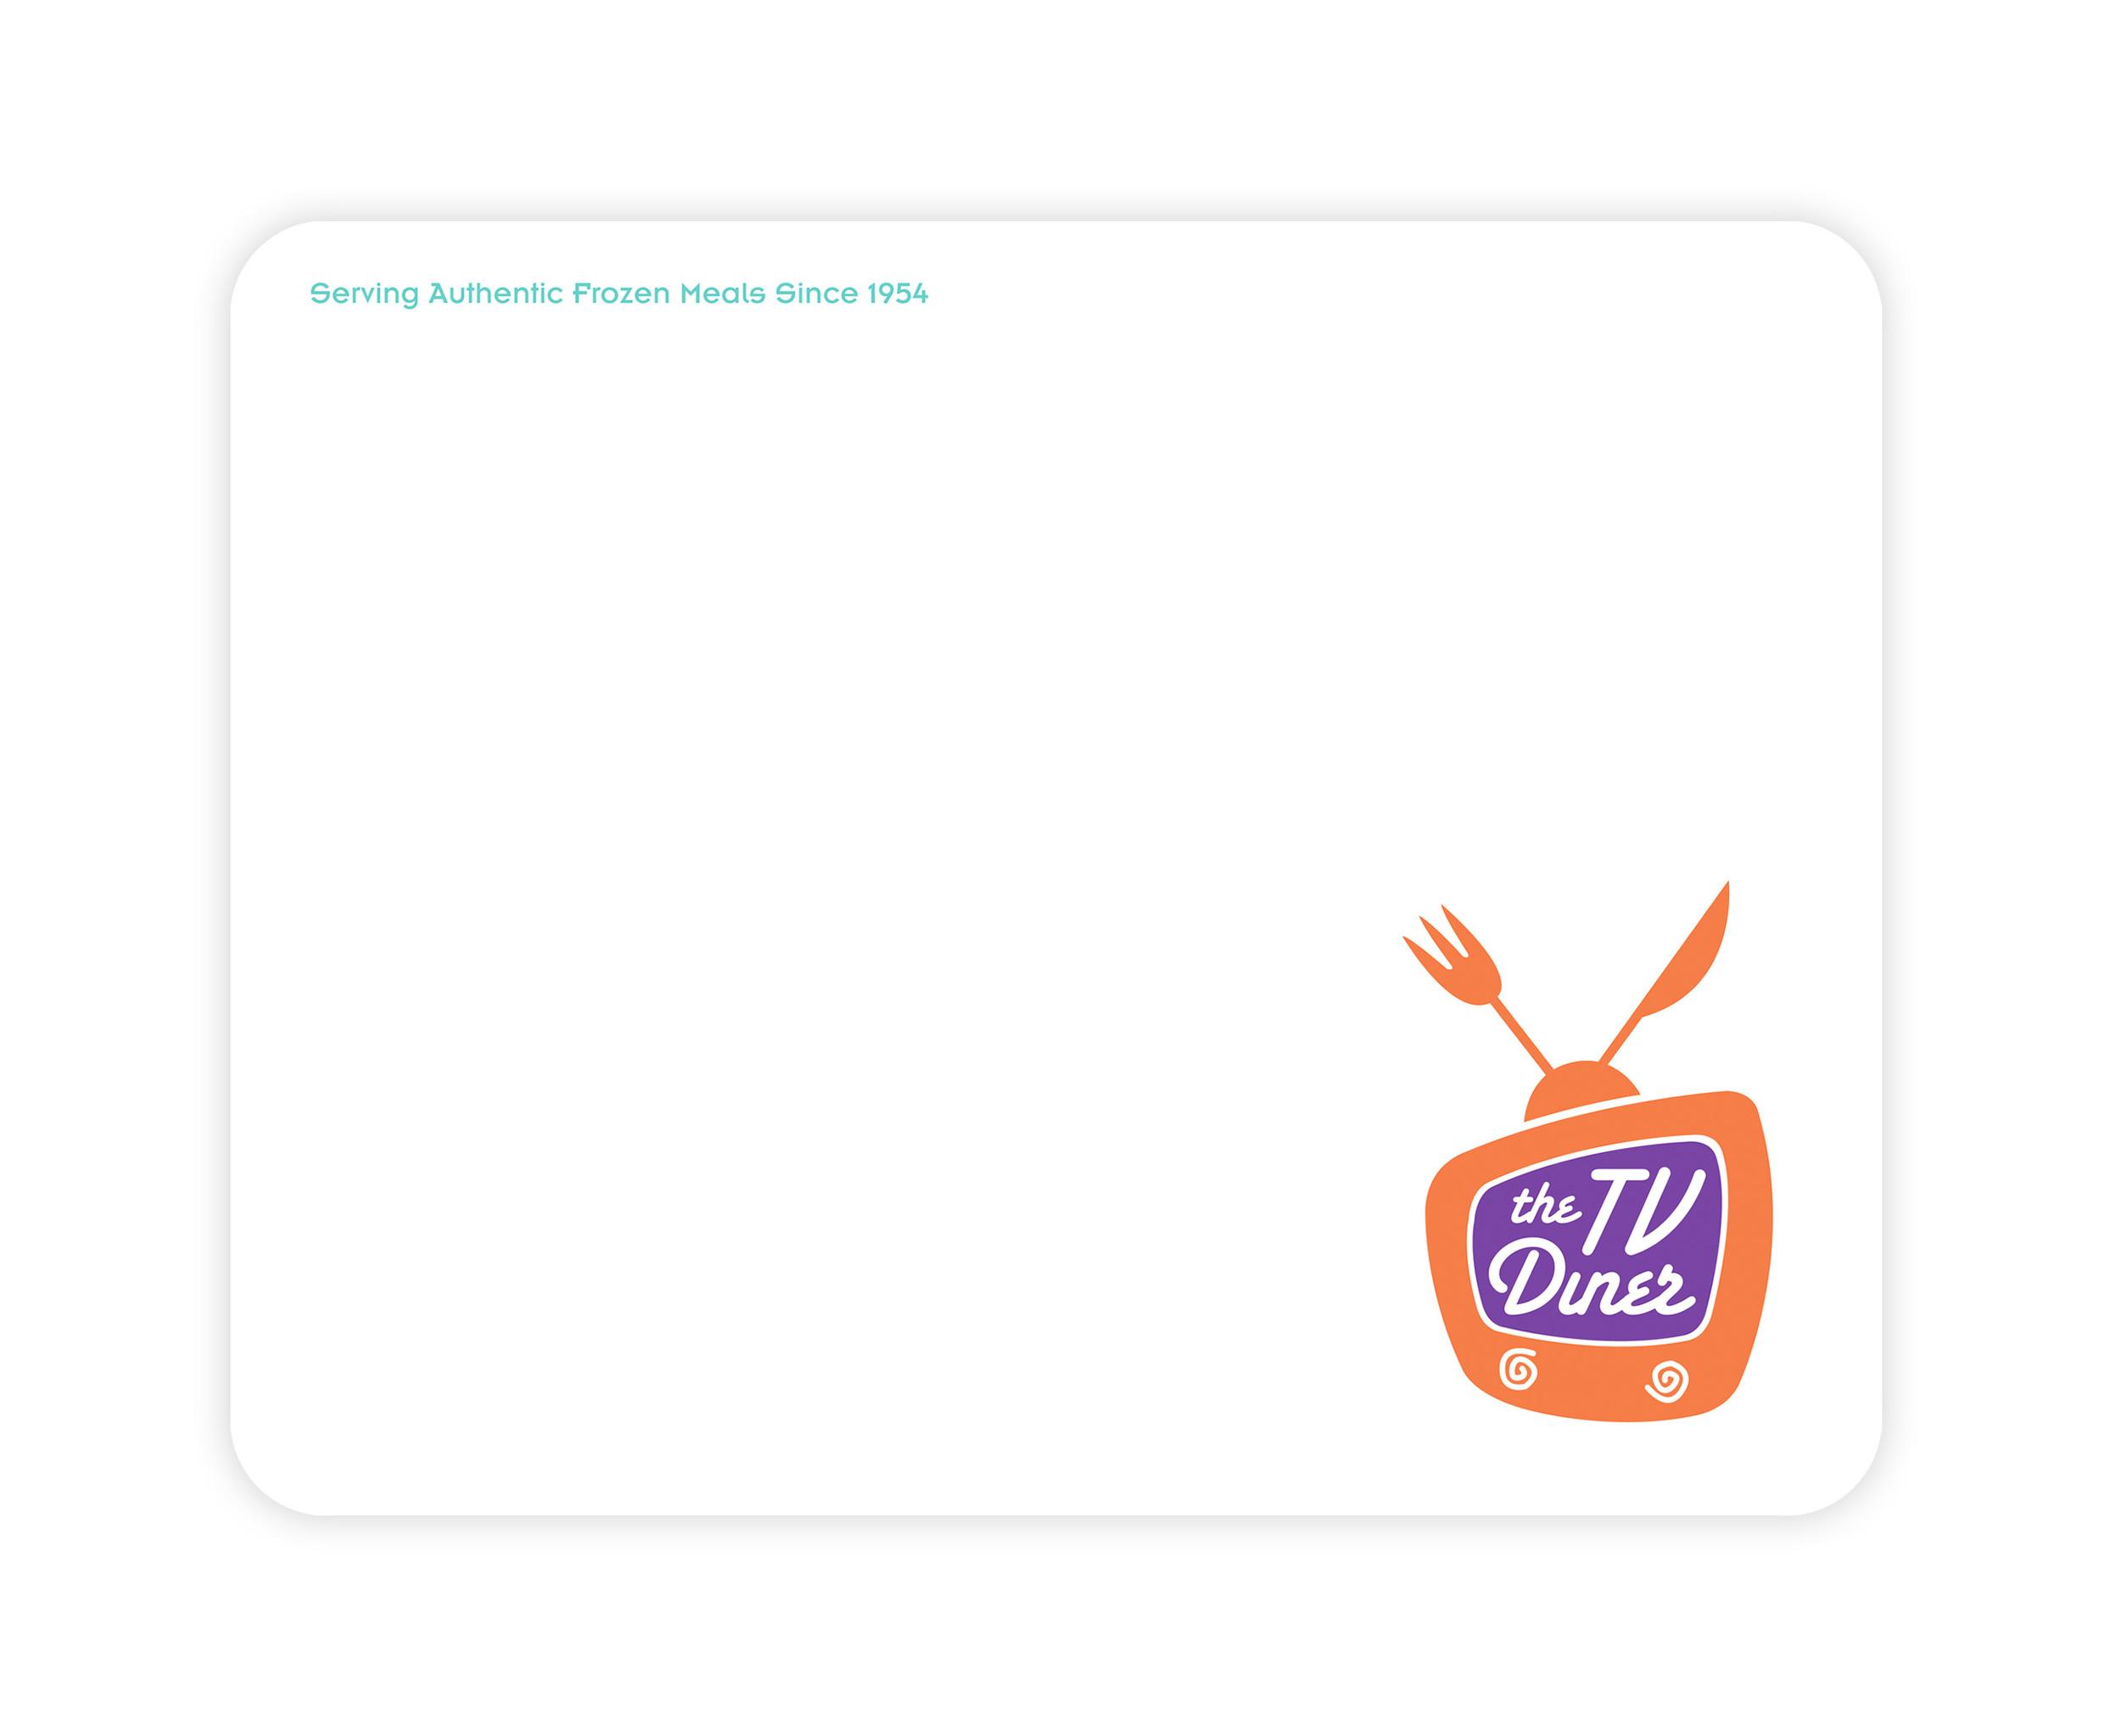 TV_Diner_menu_1.jpg